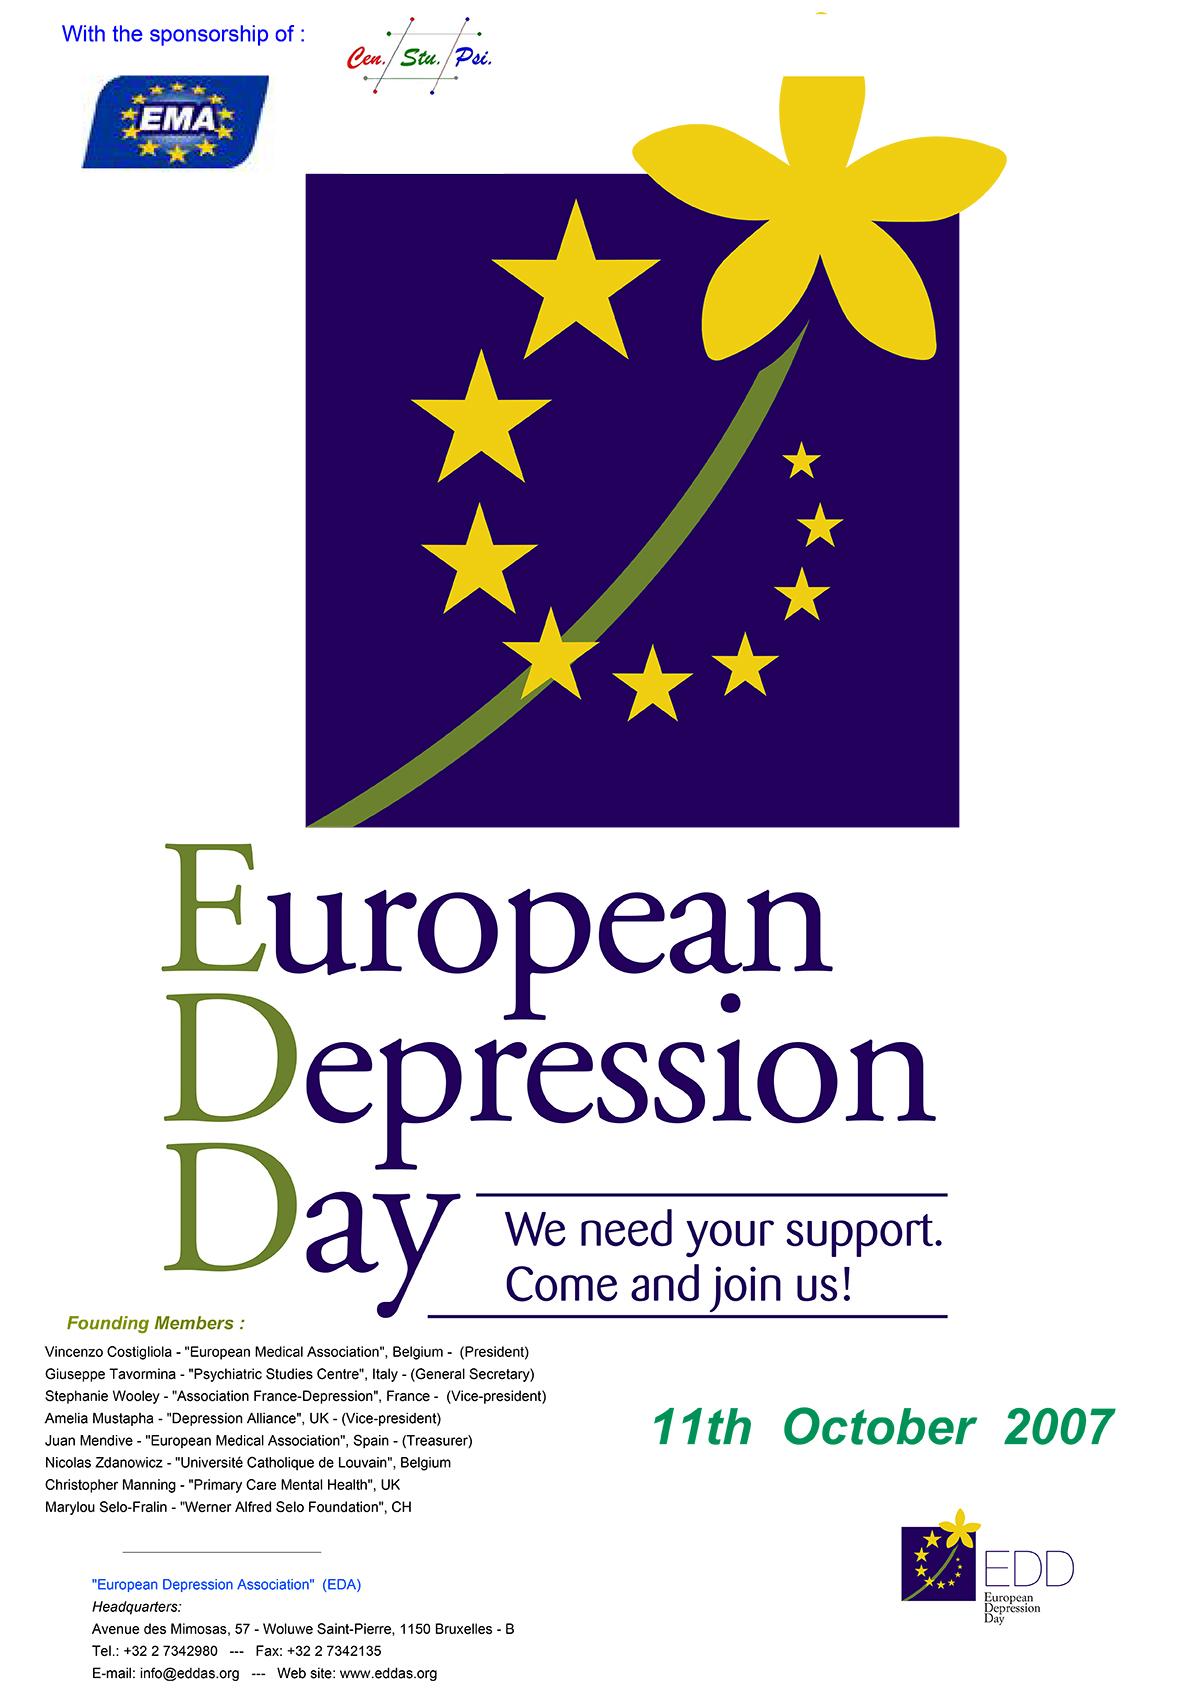 European Depression Day 2007